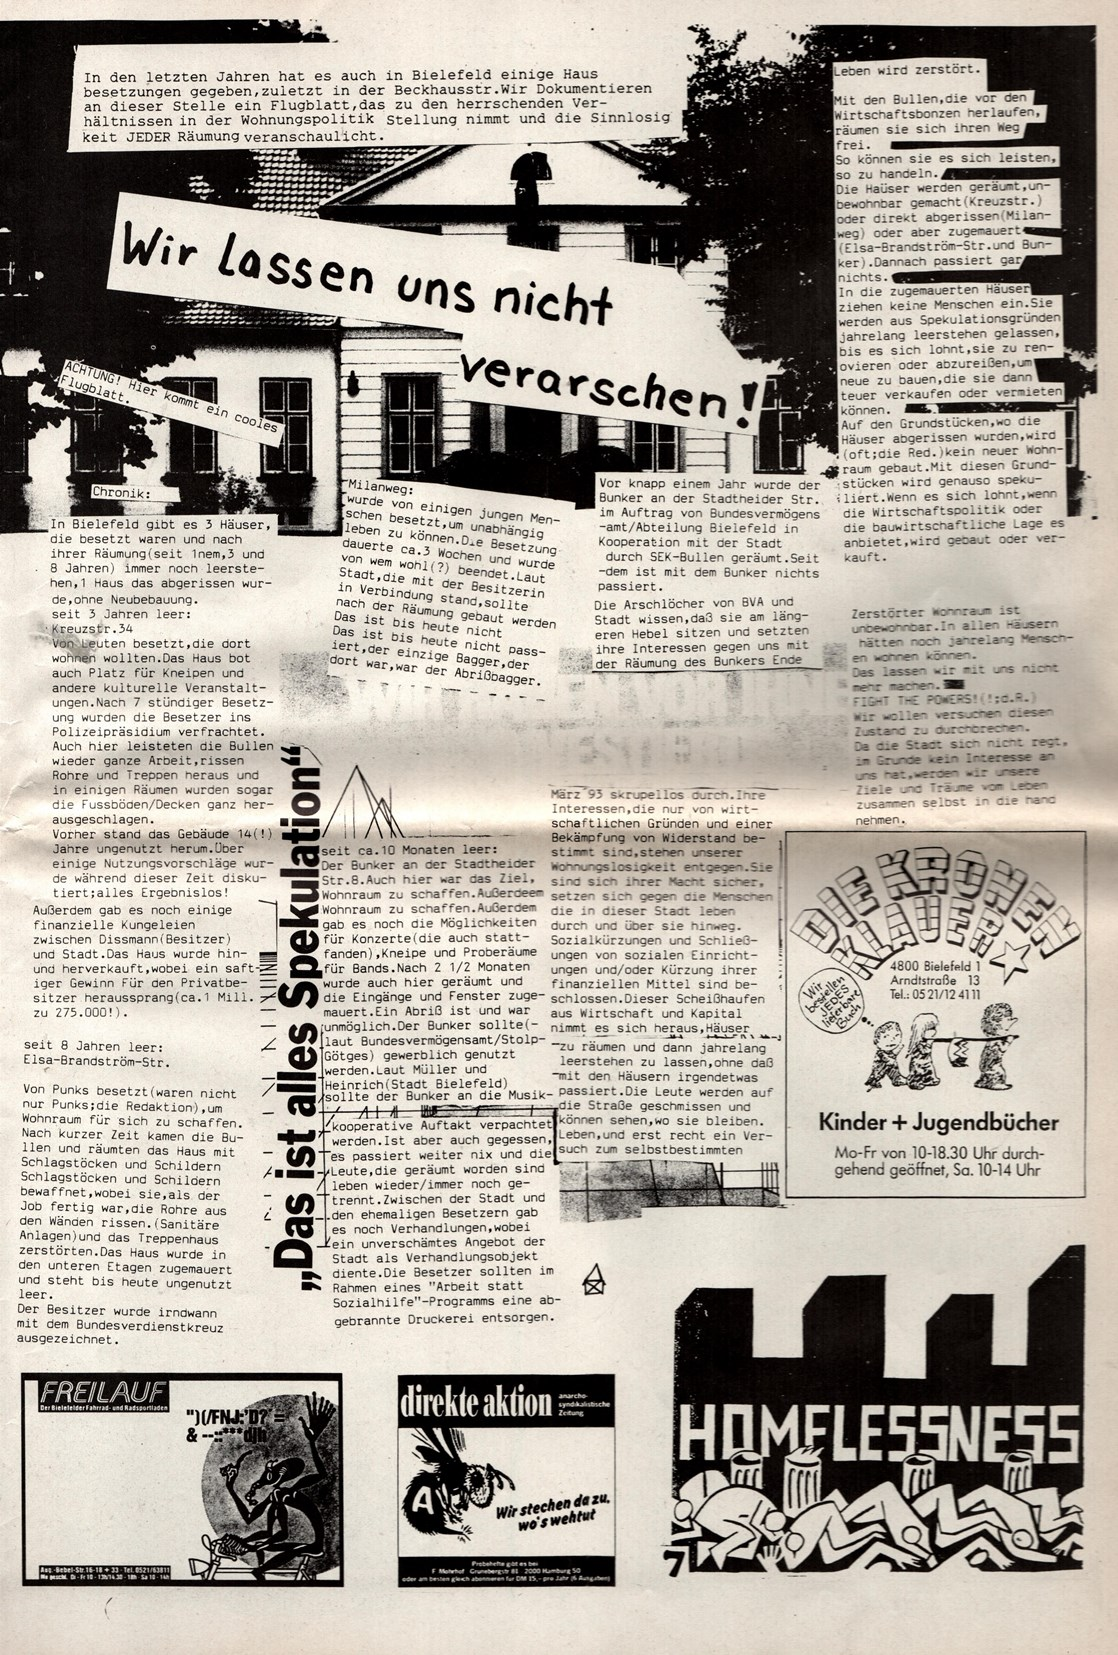 Bielefeld_Barrio_19940200_16_007